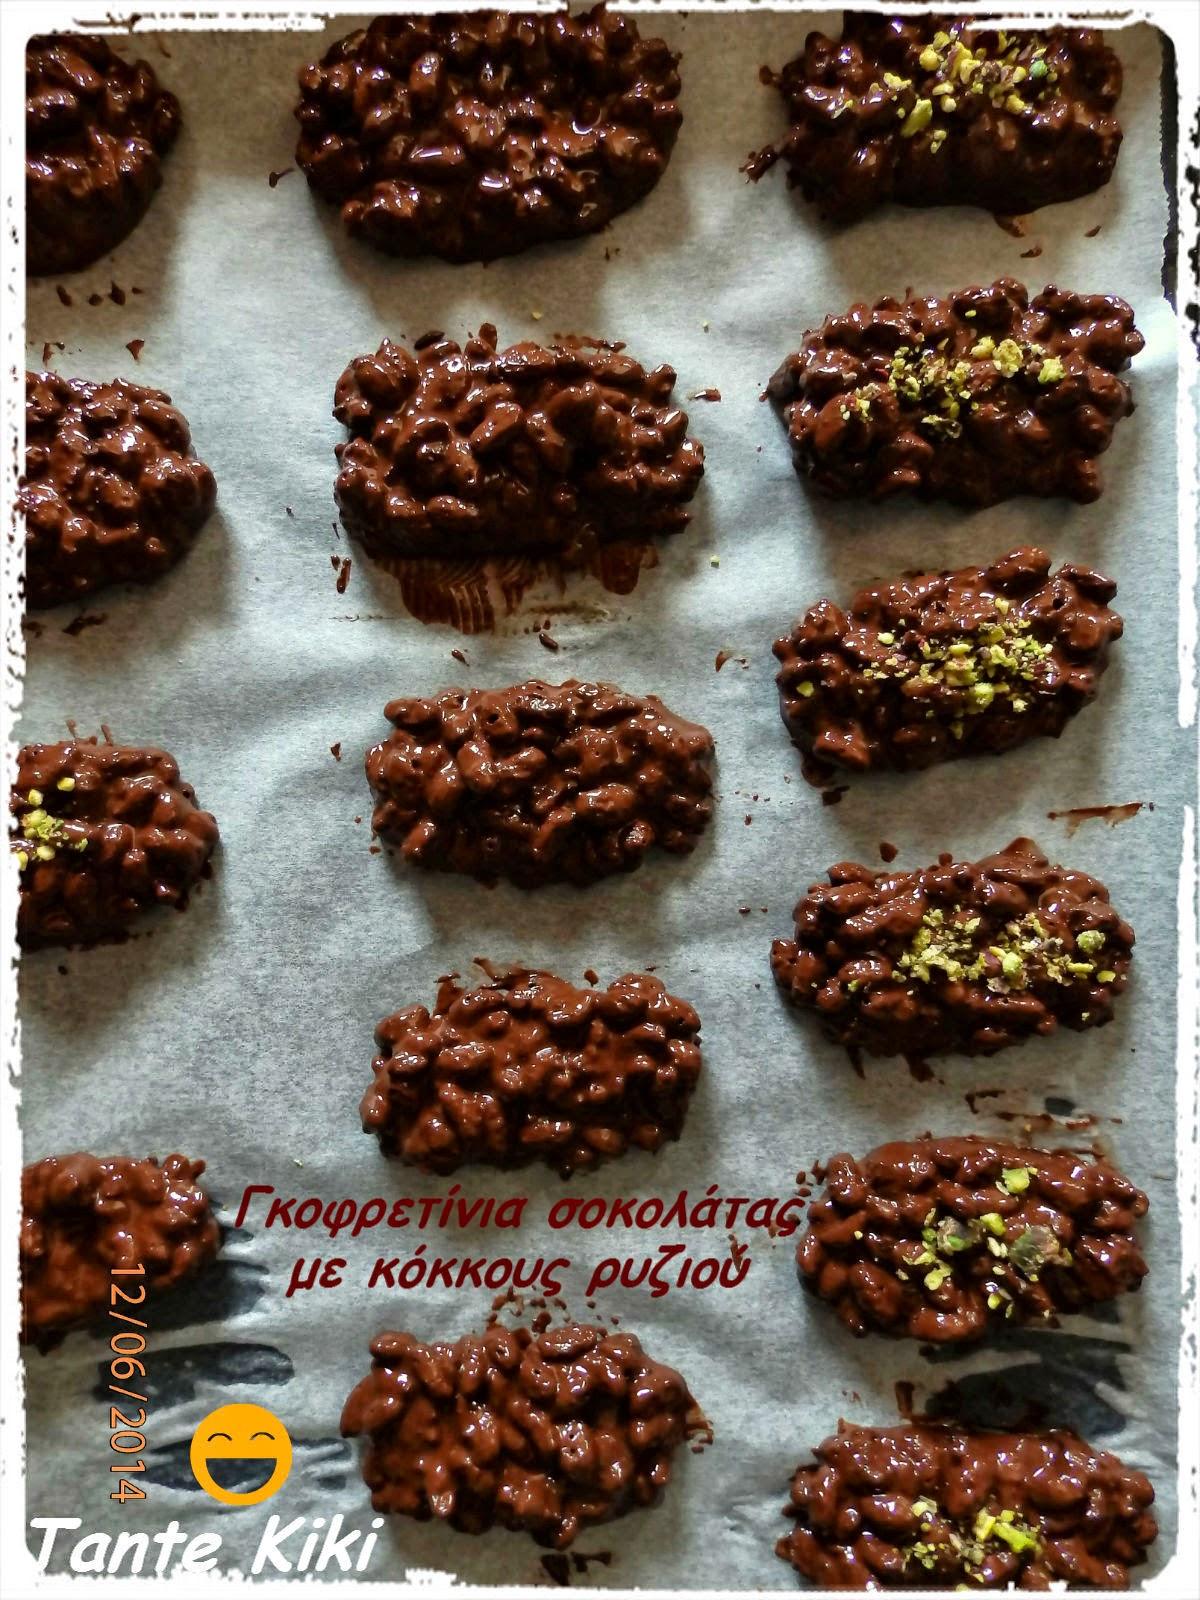 Τραγανά γκοφρετίνια σοκολάτας με κόκκους ρυζιού… οι πιο απλές σοκολατομπουκιές!!